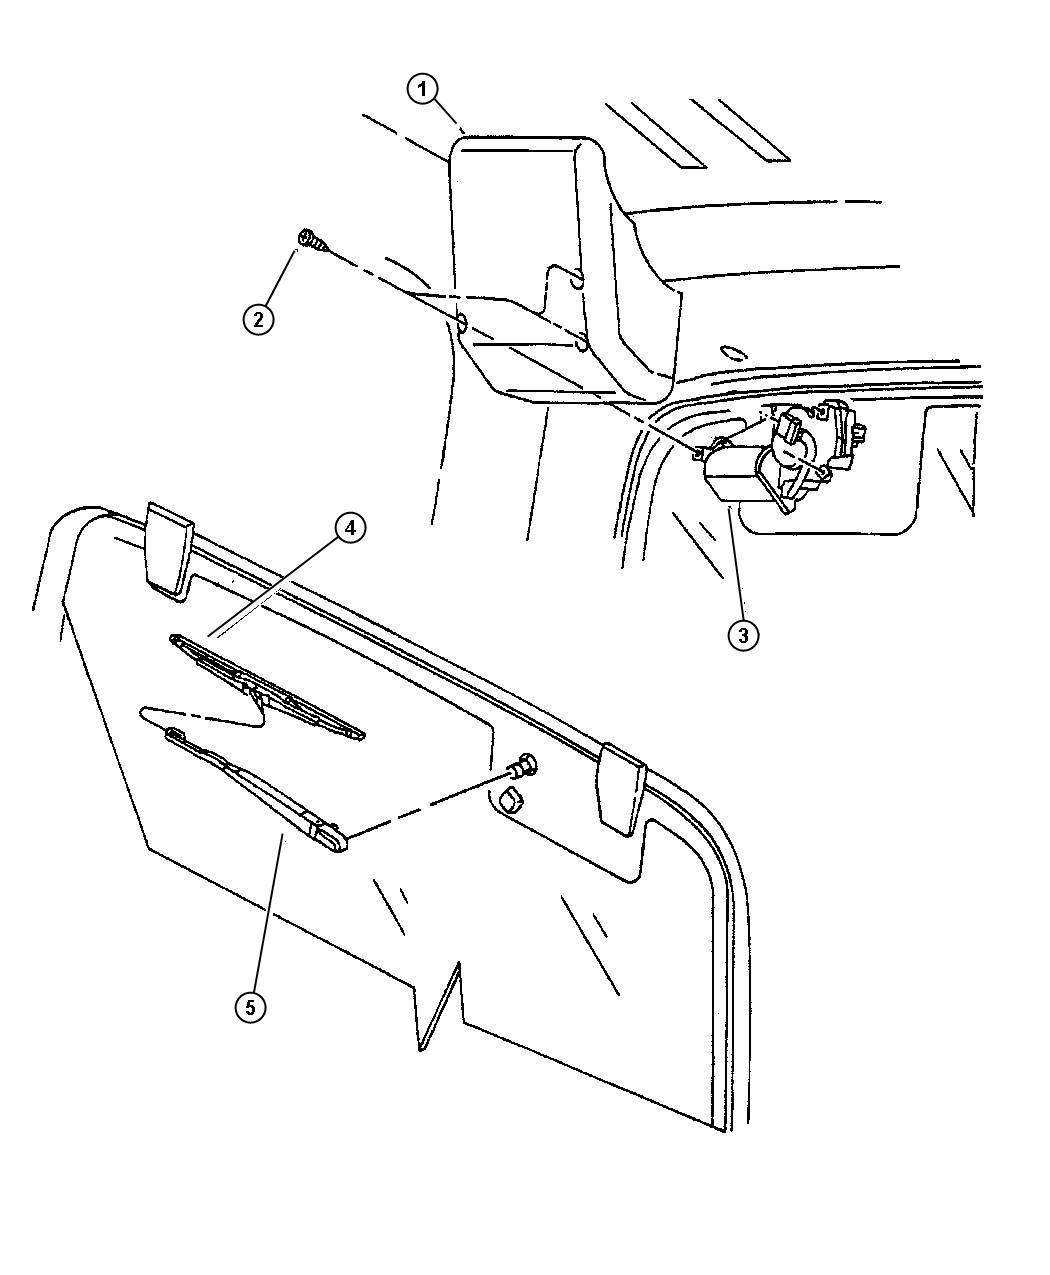 1997    Jeep       Wrangler    Nozzle Liftgate washer    Rear       wiper